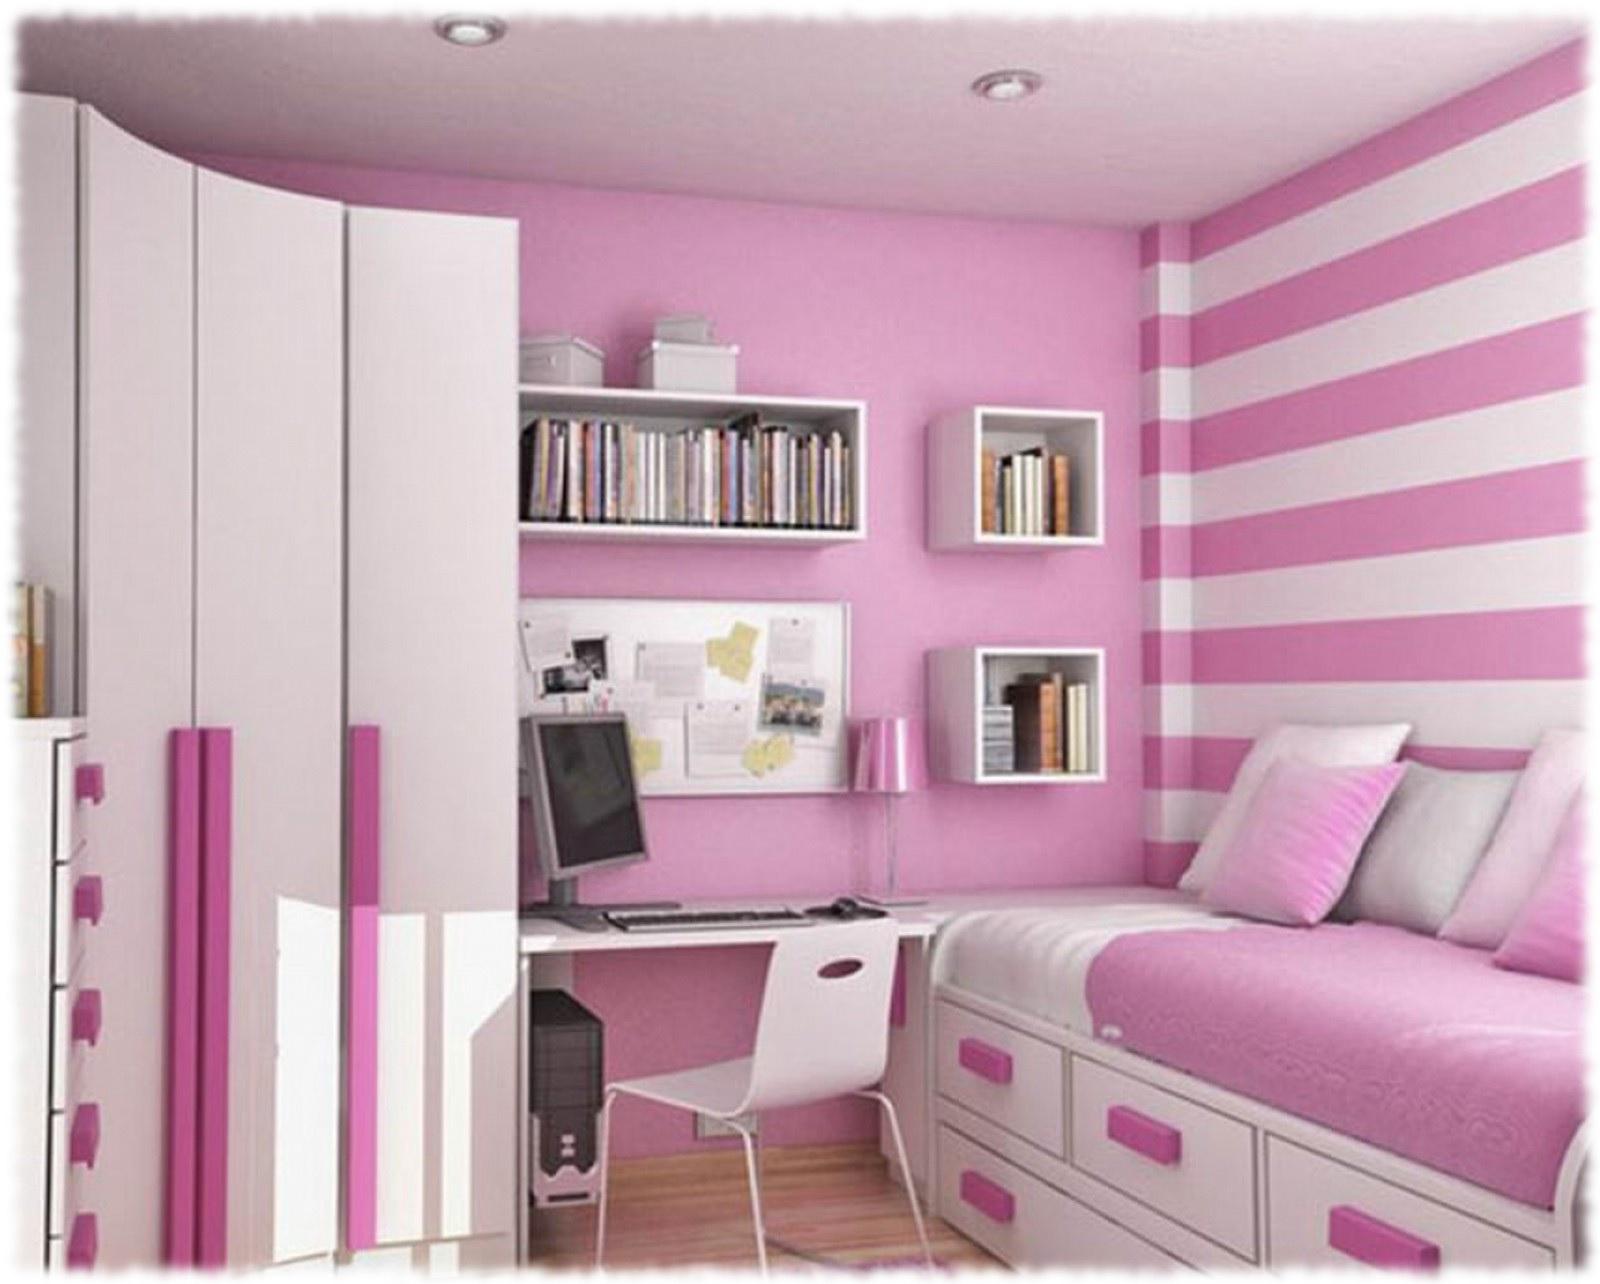 Sai che colore fare le pareti di casa? - Blog Specialista Decoratore